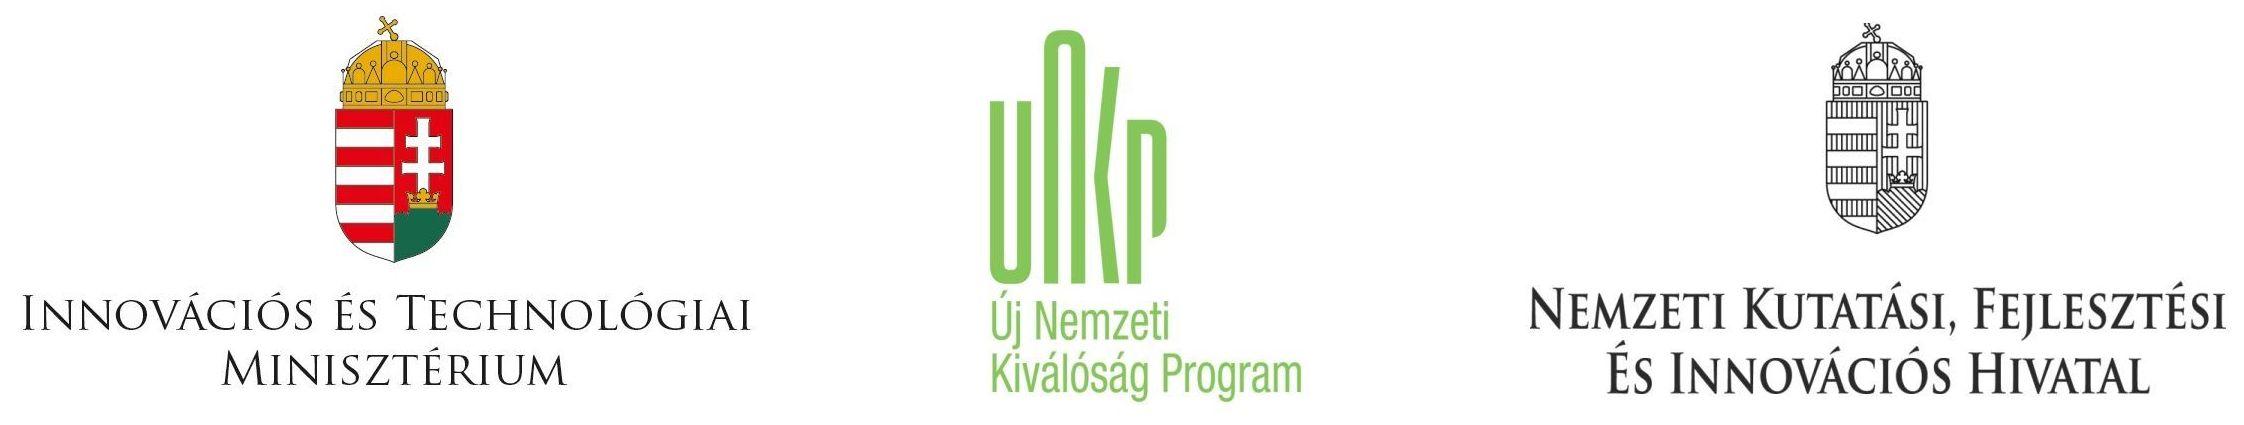 ÚNKP-logó-3-as.jpg